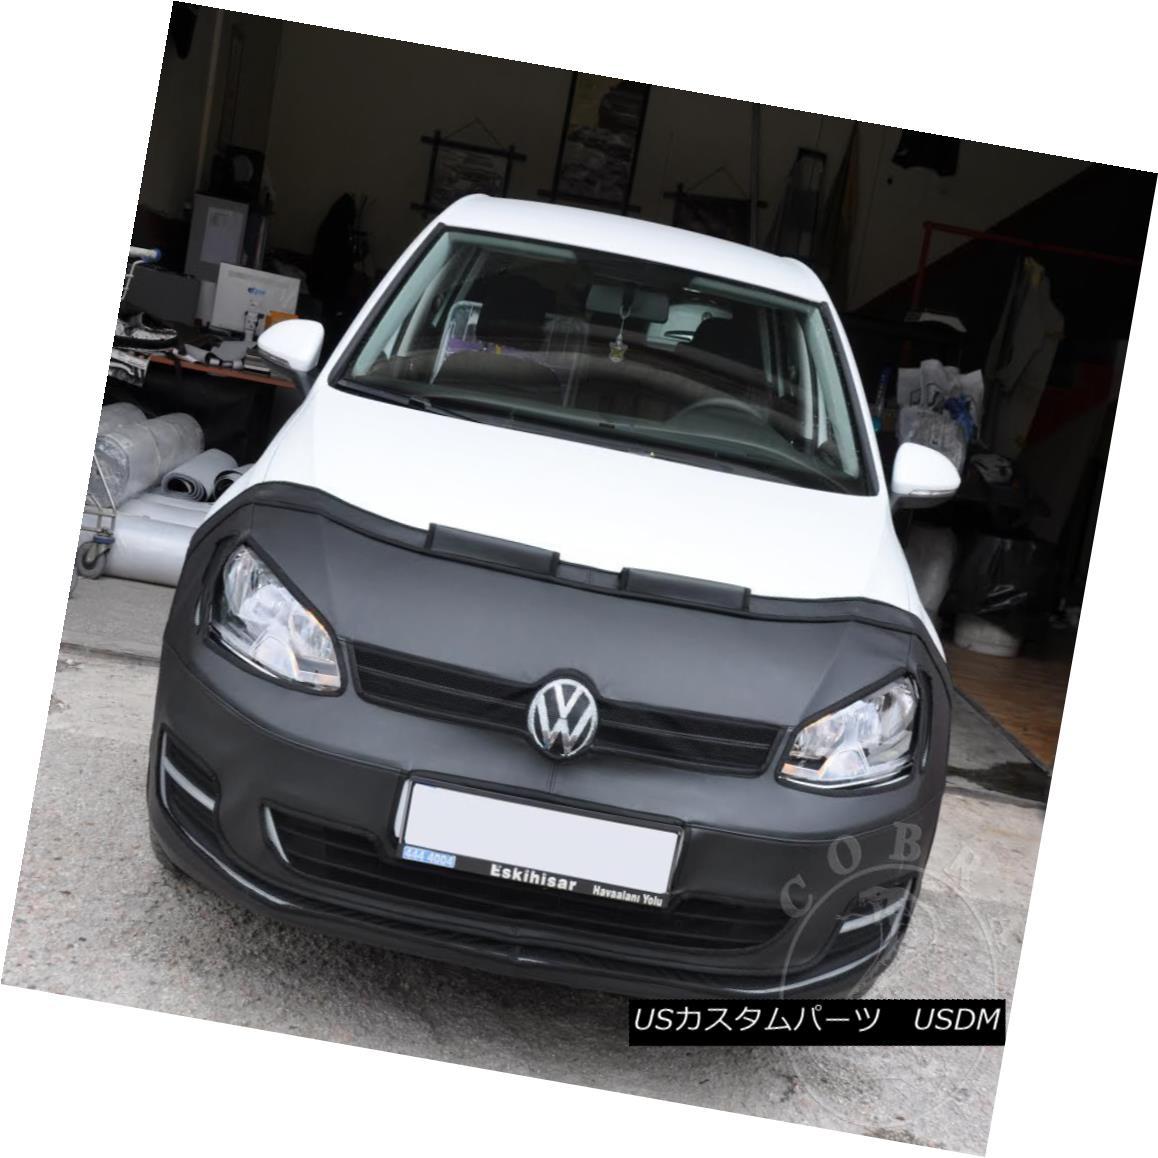 フルブラ ノーズブラ FULL BRA MASK Fits VW Volkswagen Golf VII MK7 2012 2013 2014 2015 2016 FULL BRA MASKはVWに適合フォルクスワーゲンゴルフVII MK7 2012 2013 2014 2015 2016